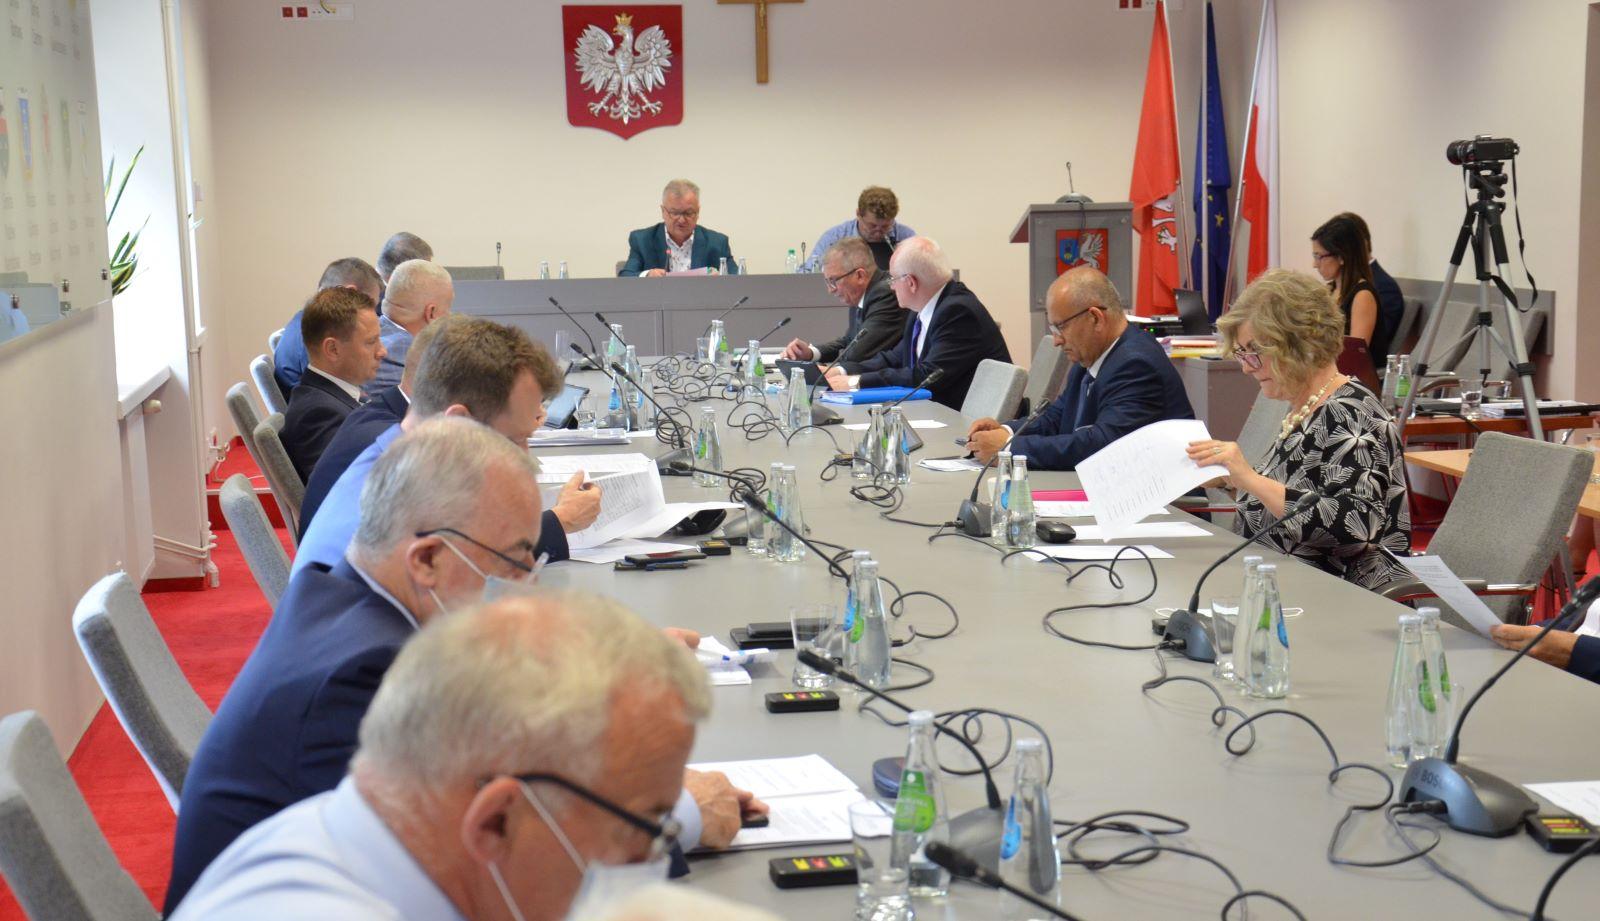 Radni PiS wyjaśniają dlaczego po przerwie nie pojawili się na powiatowej sesji - Zdjęcie główne